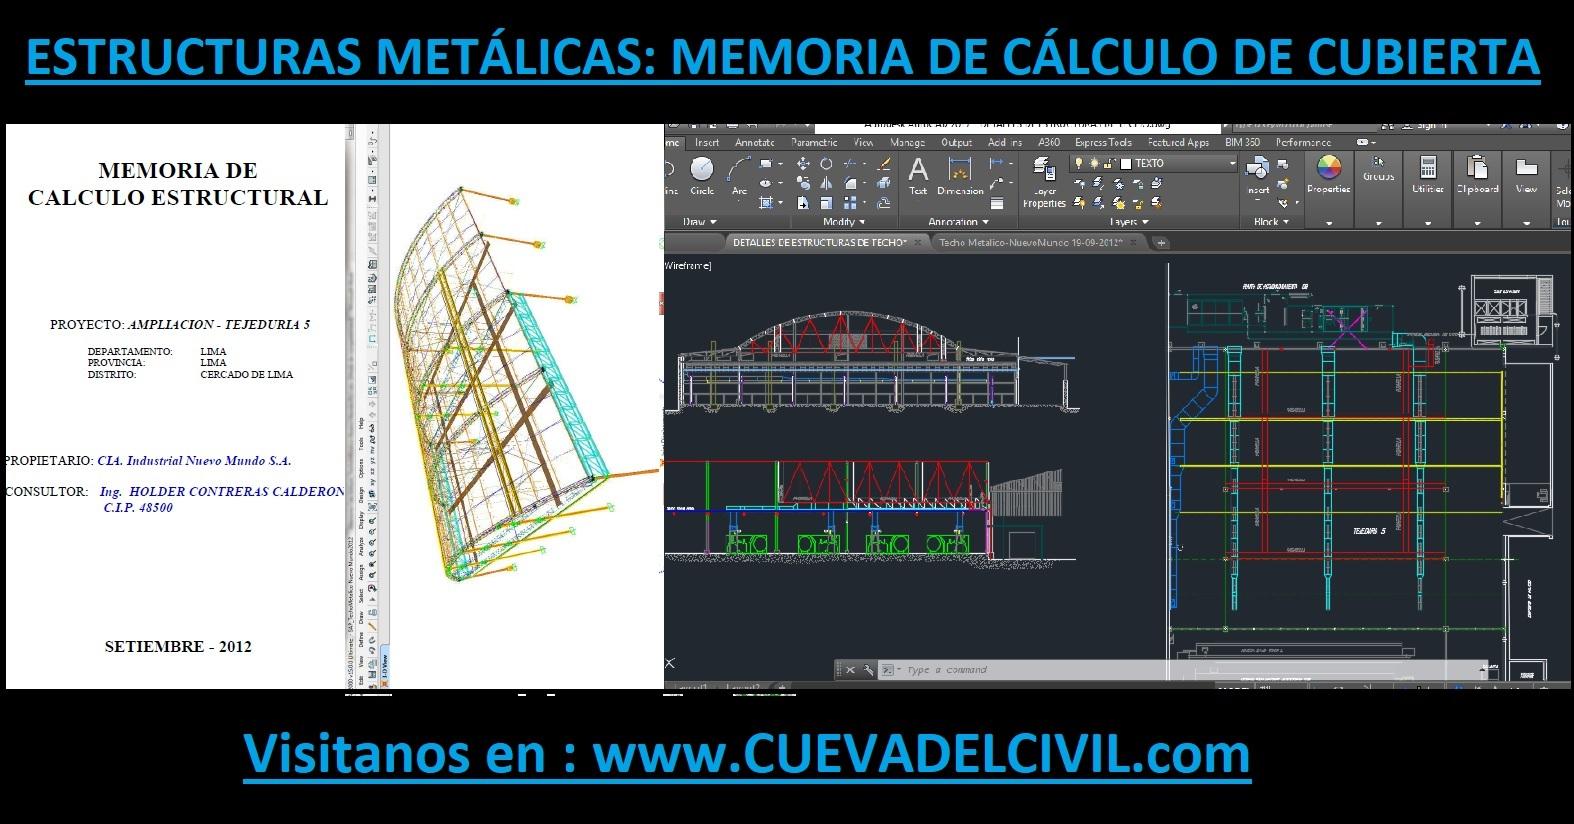 Estructuras Metálicas: Memoria de Cálculo de Cubierta (Ampliación)